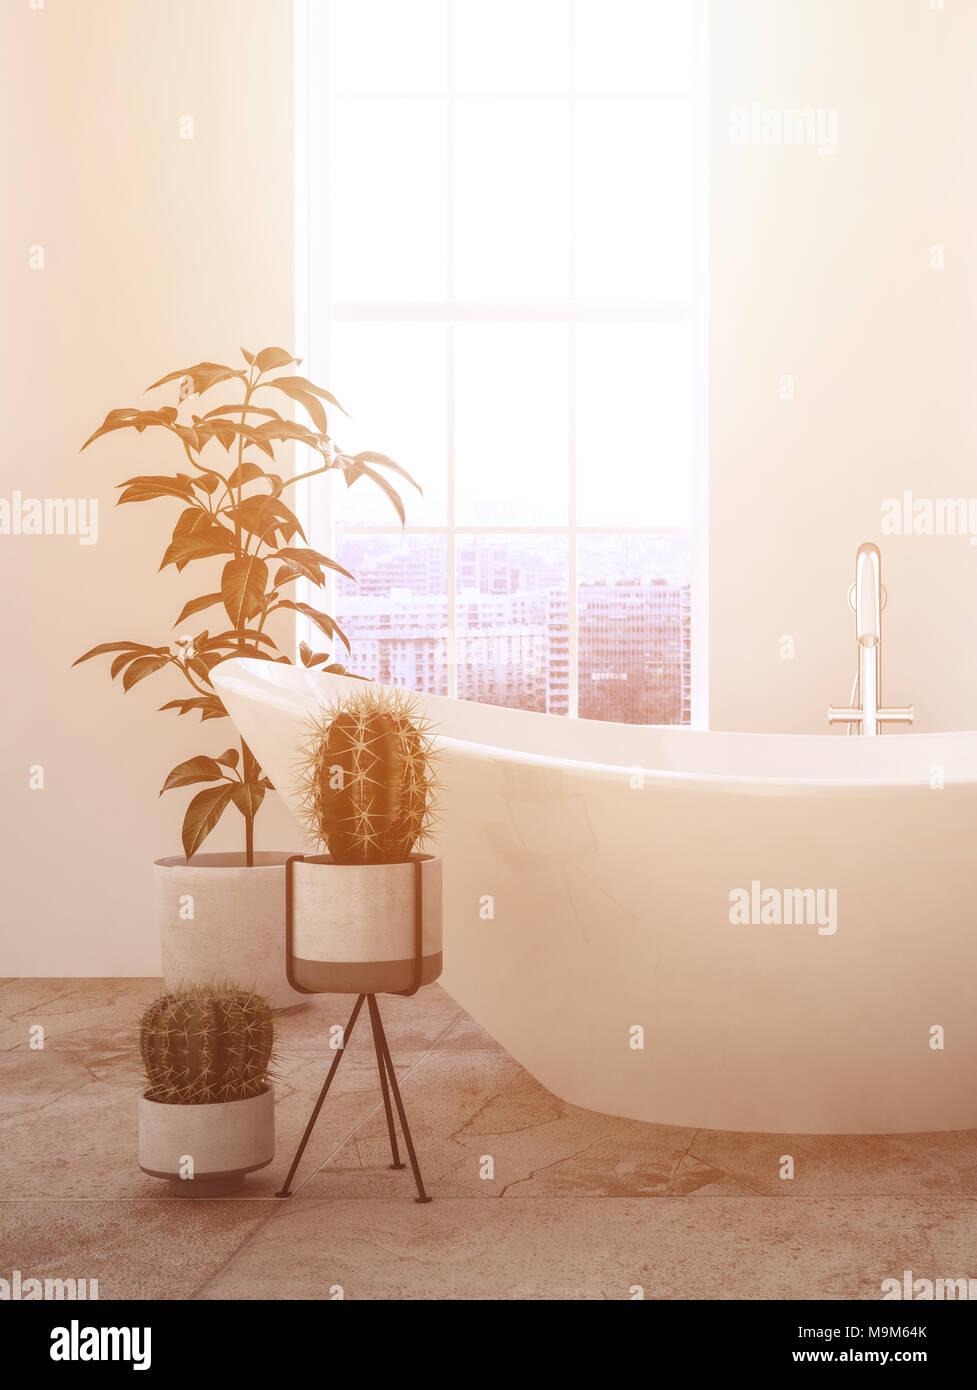 Moderner Luxus Badezimmer Mit Warme, Gemütliche Atmosphäre Aus Dem Sun  Streaming In Durch Ein Großes Fenster Auf Eine Ovale Badewanne Und  Topfpflanzen.